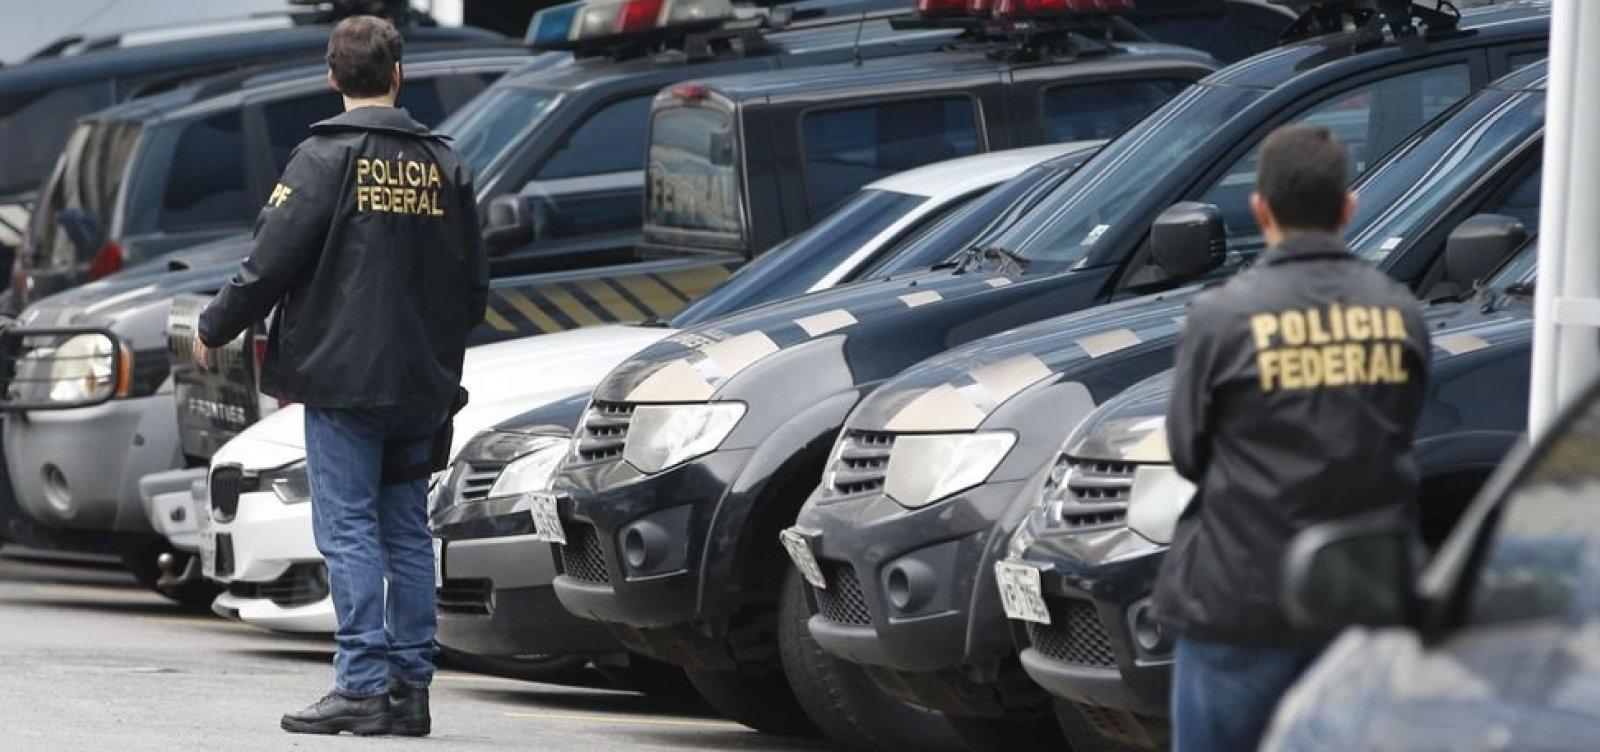 Polícia Federal vai investigar envio de mensagens em massa no WhatsApp